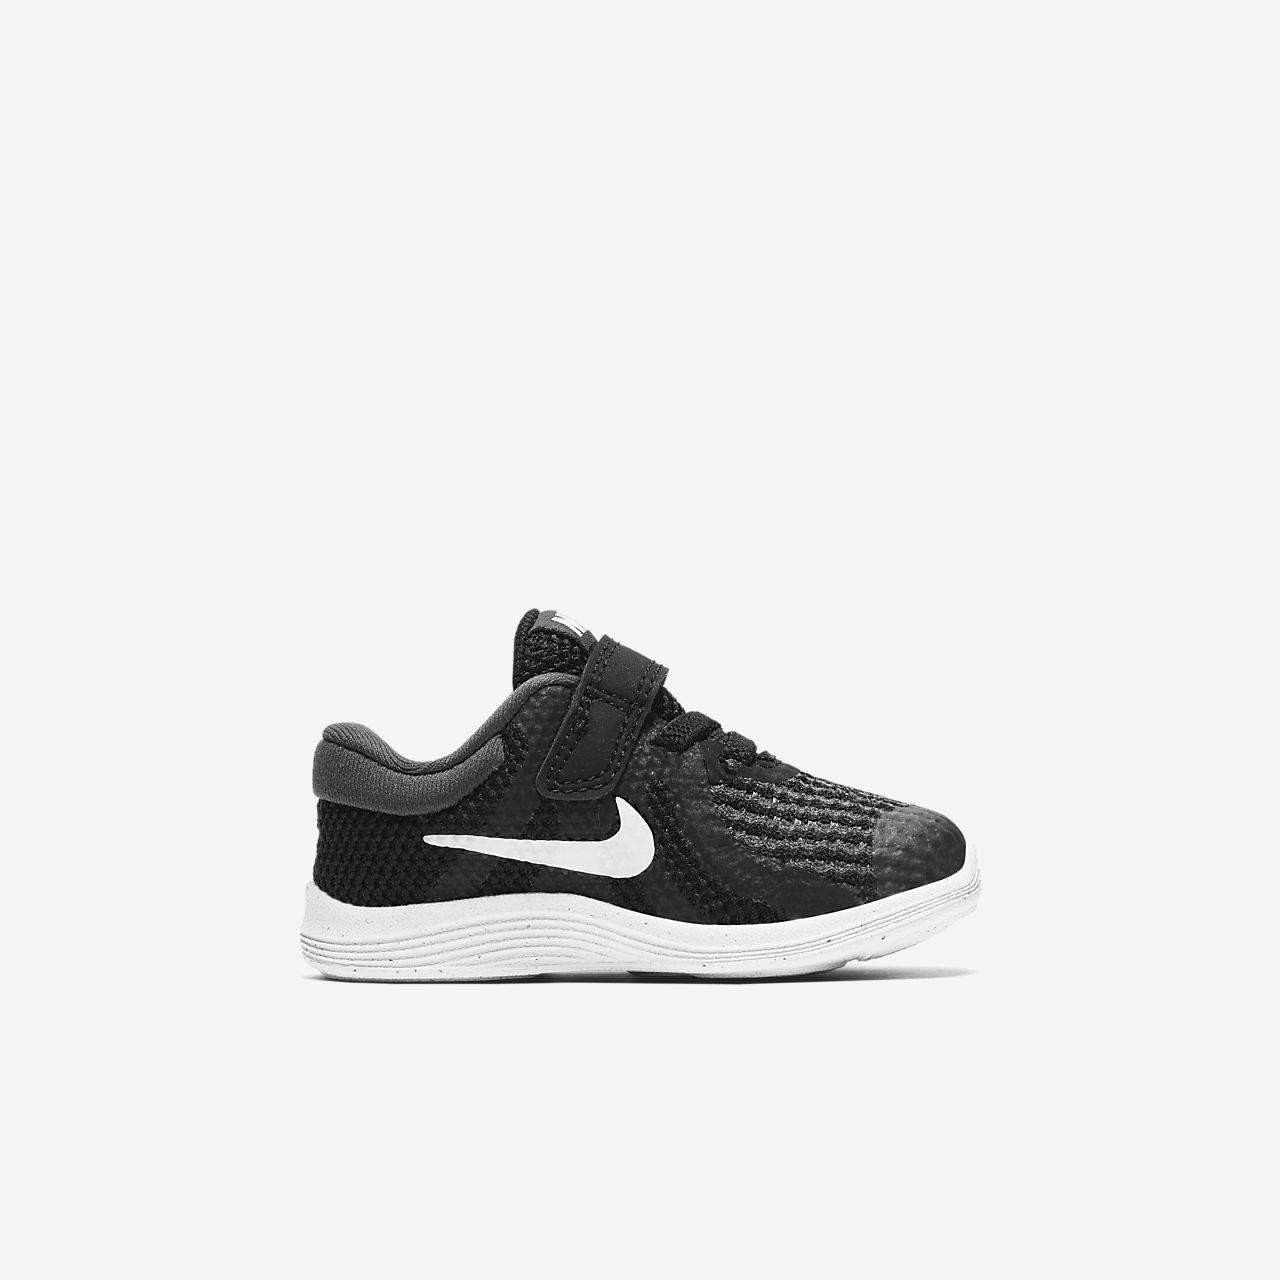 best service e9898 9c6df ... Nike Revolution 4 Zapatillas - Bebé e infantil